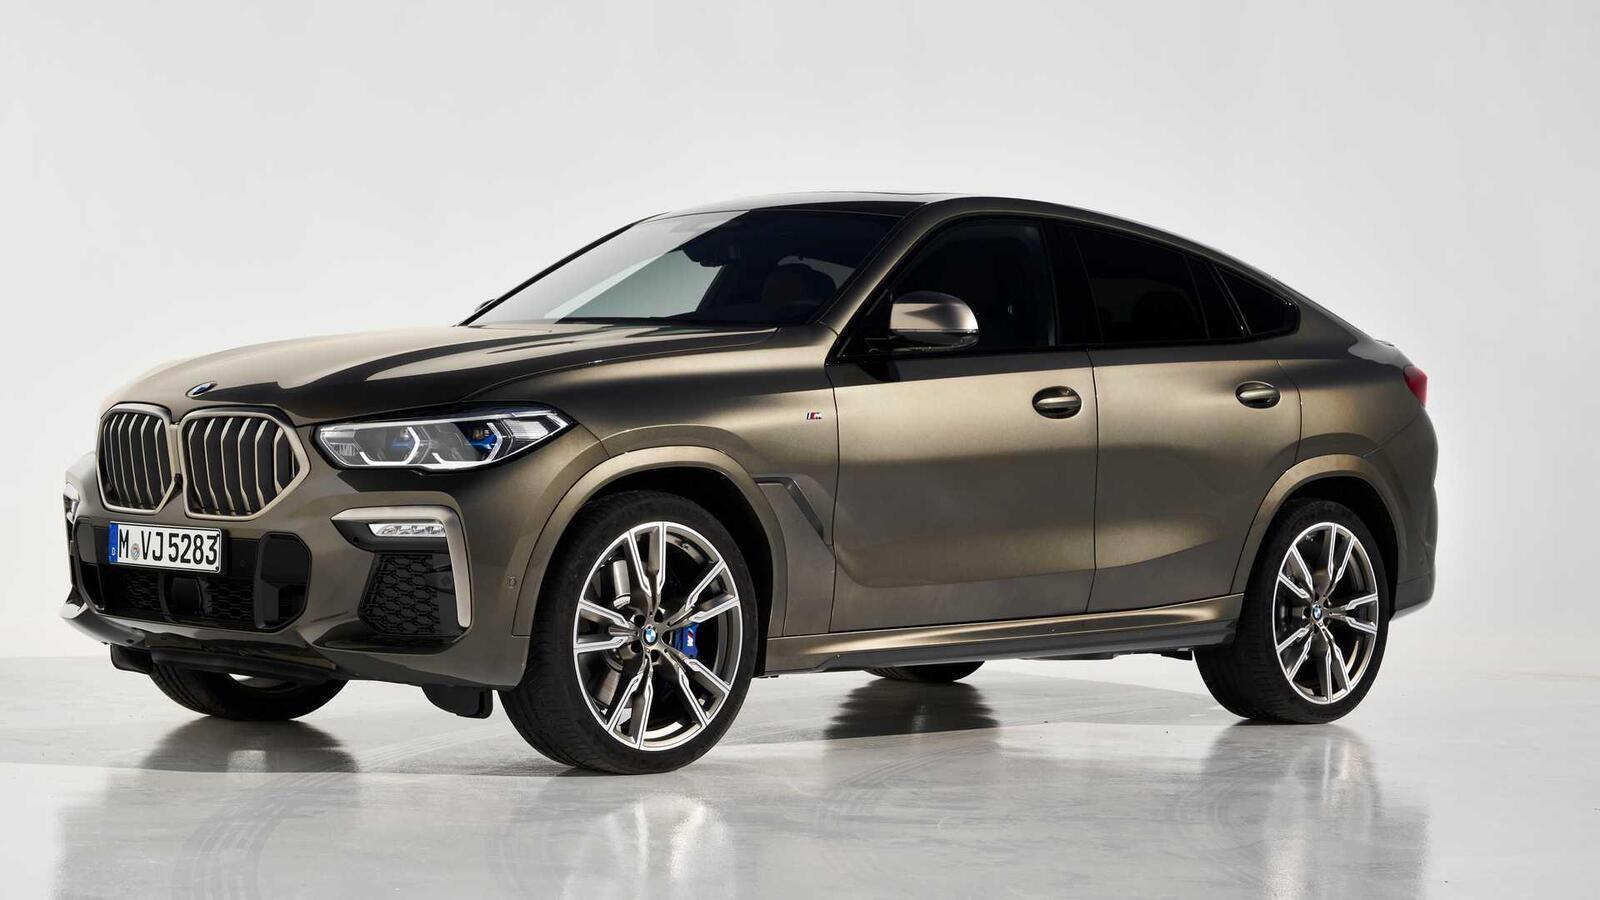 Thế hệ mới BMW X6 2020 chính thức ra mắt - Hình 8